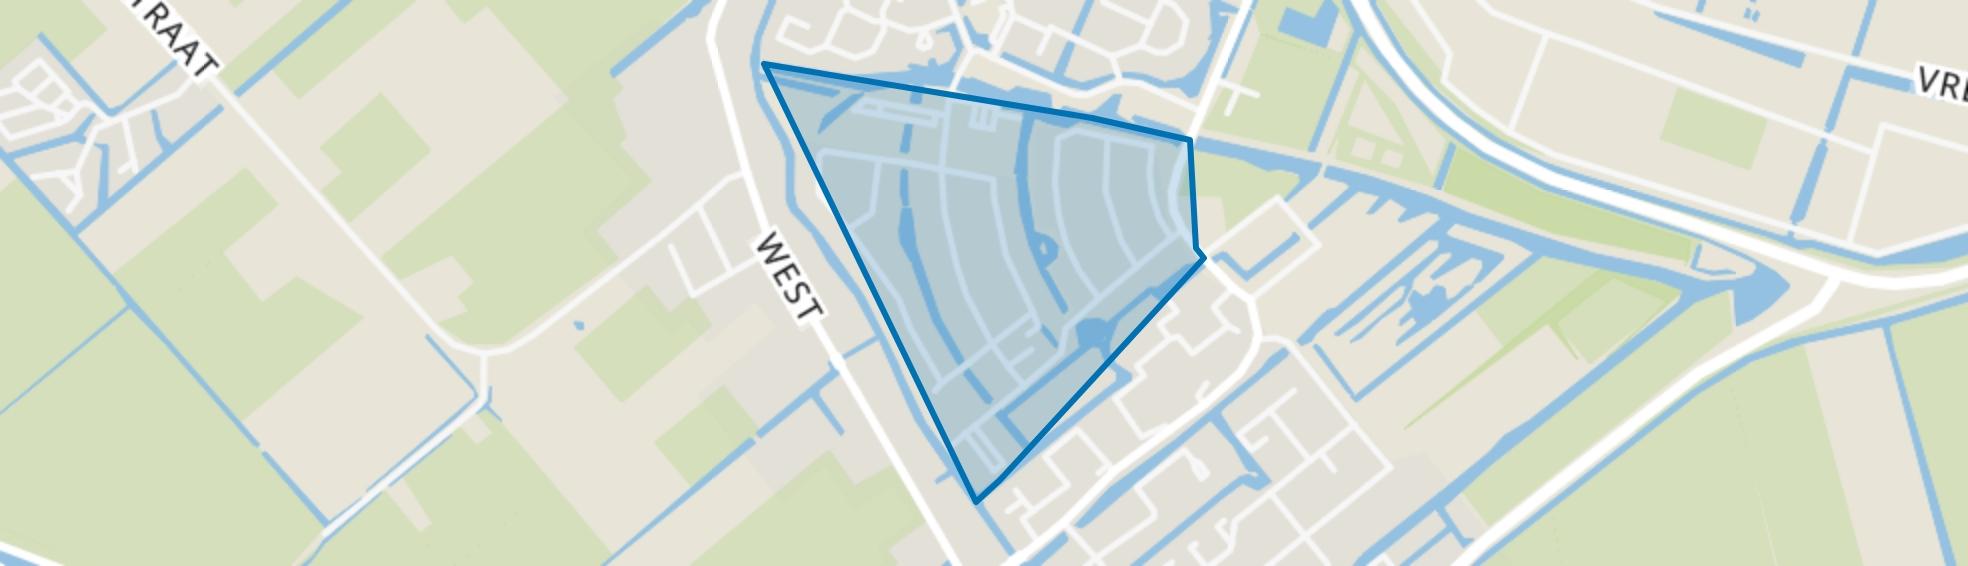 Alver en omgeving, Avenhorn map